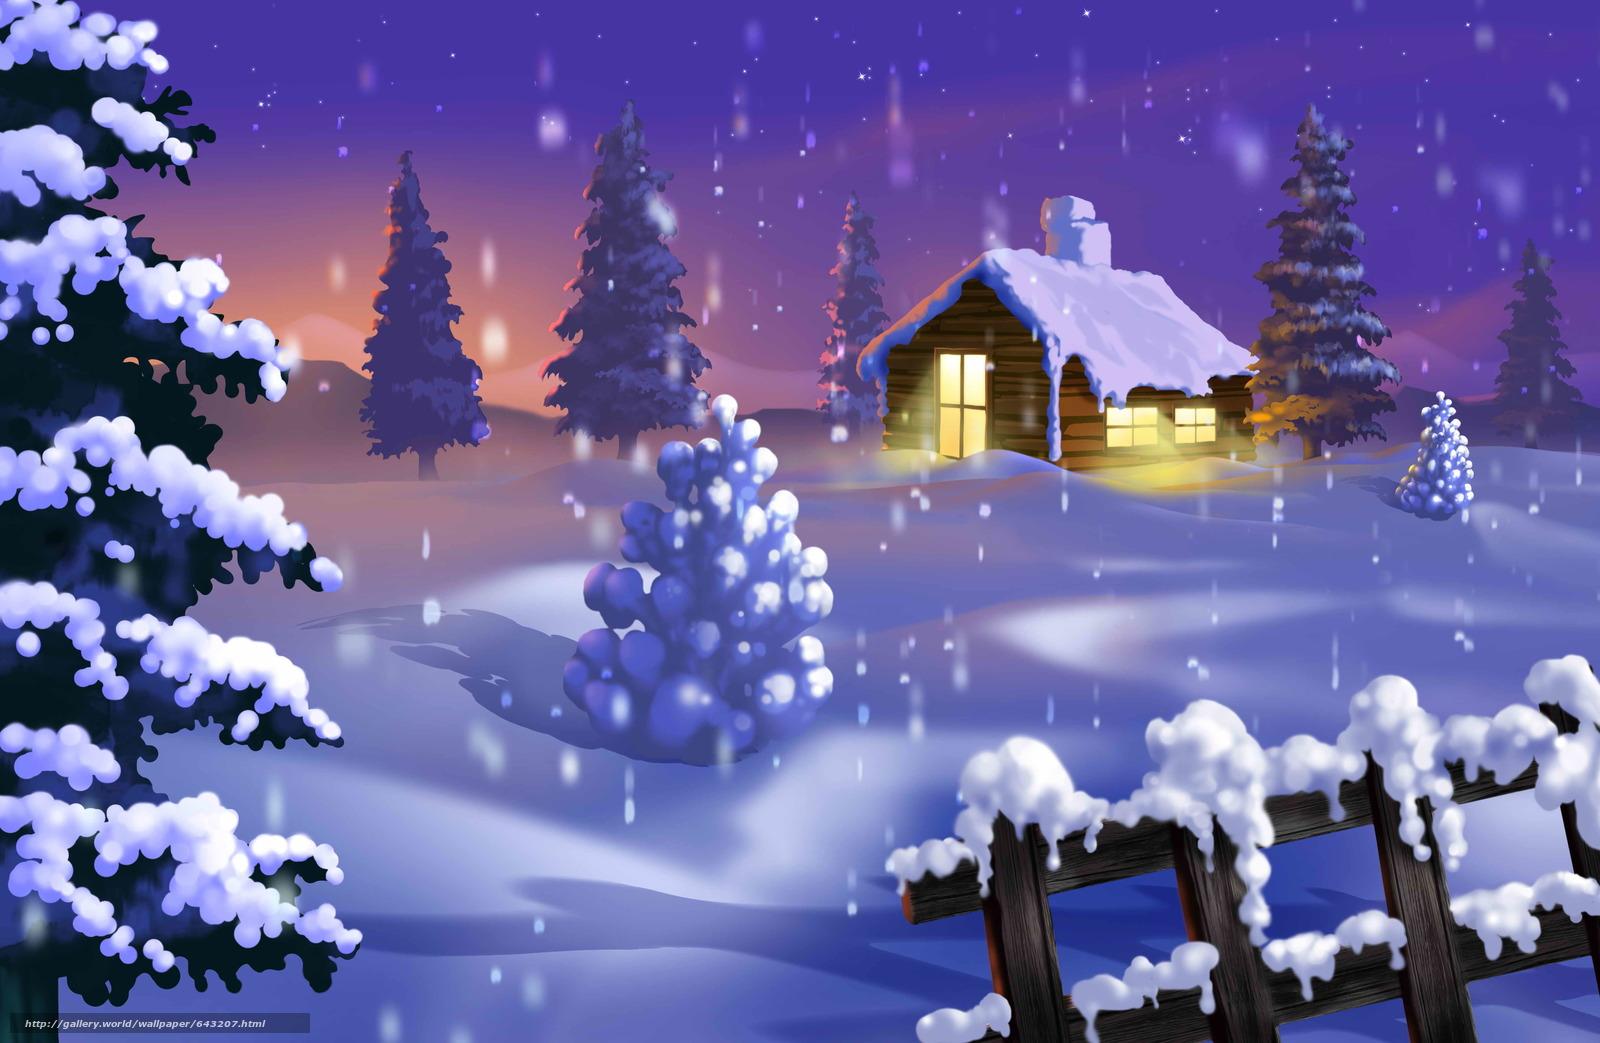 Скачать обои зима,  снег,  сугробы,  деревья бесплатно для рабочего стола в разрешении 5175x3375 — картинка №643207